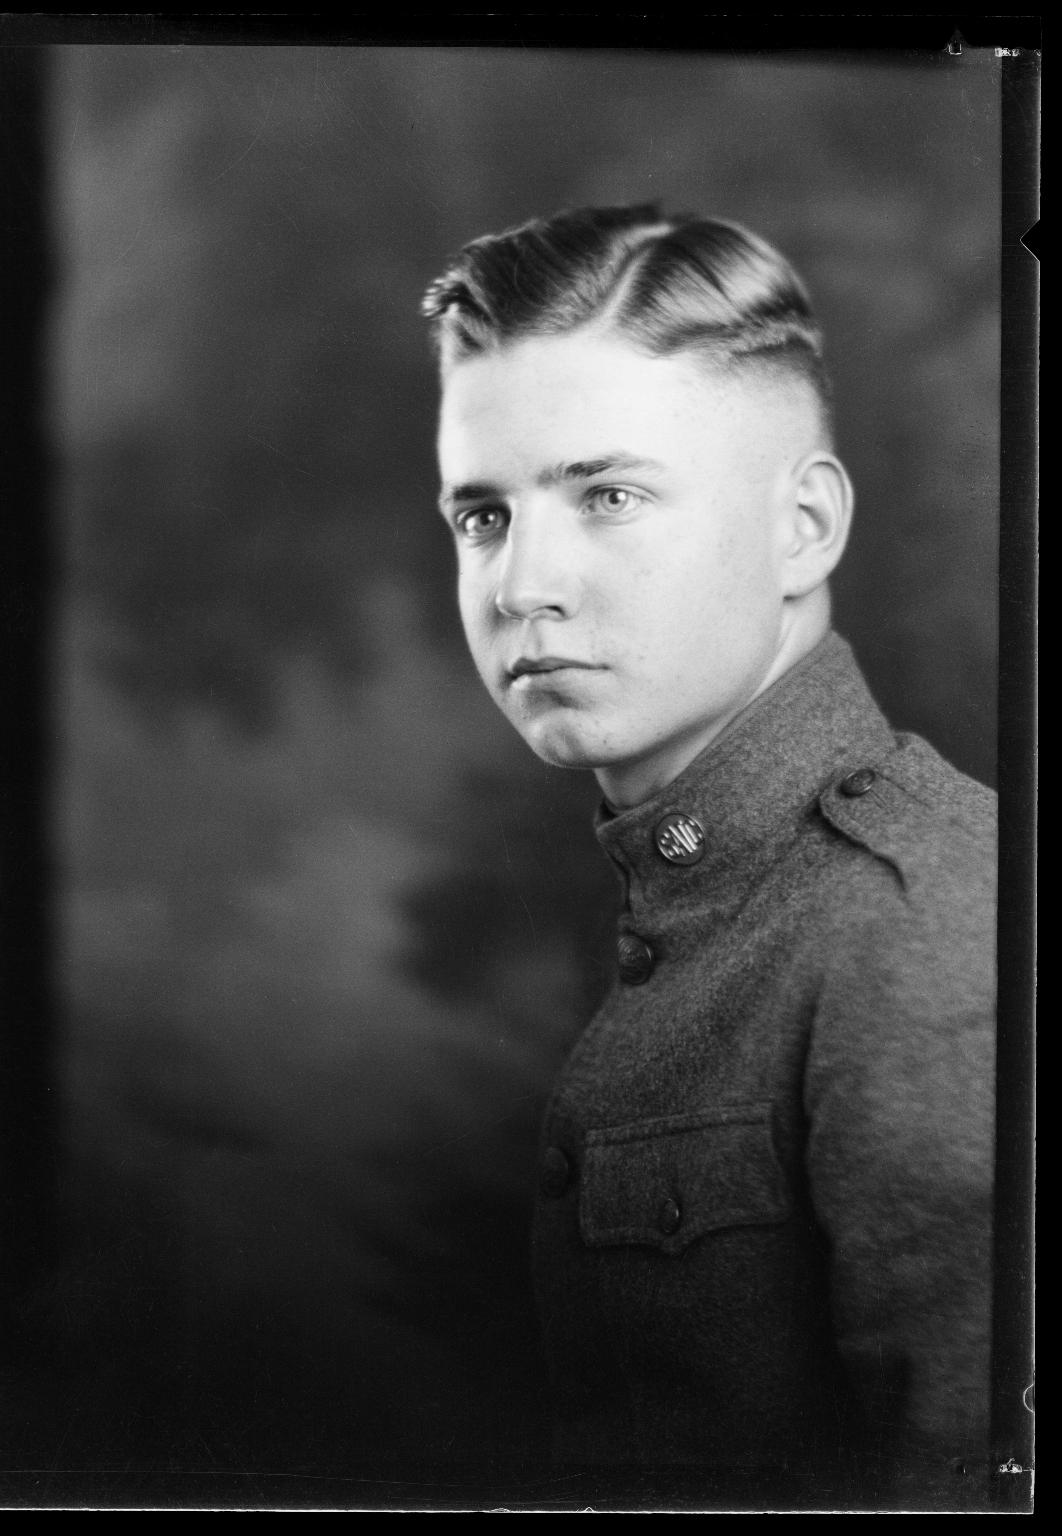 Portraits of W. J. Allen